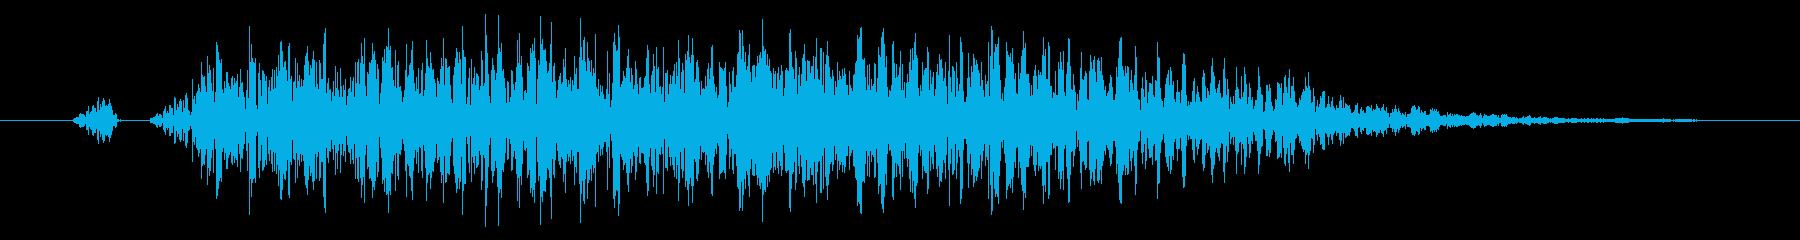 【打撃音13】パンチやキックに最適です!の再生済みの波形